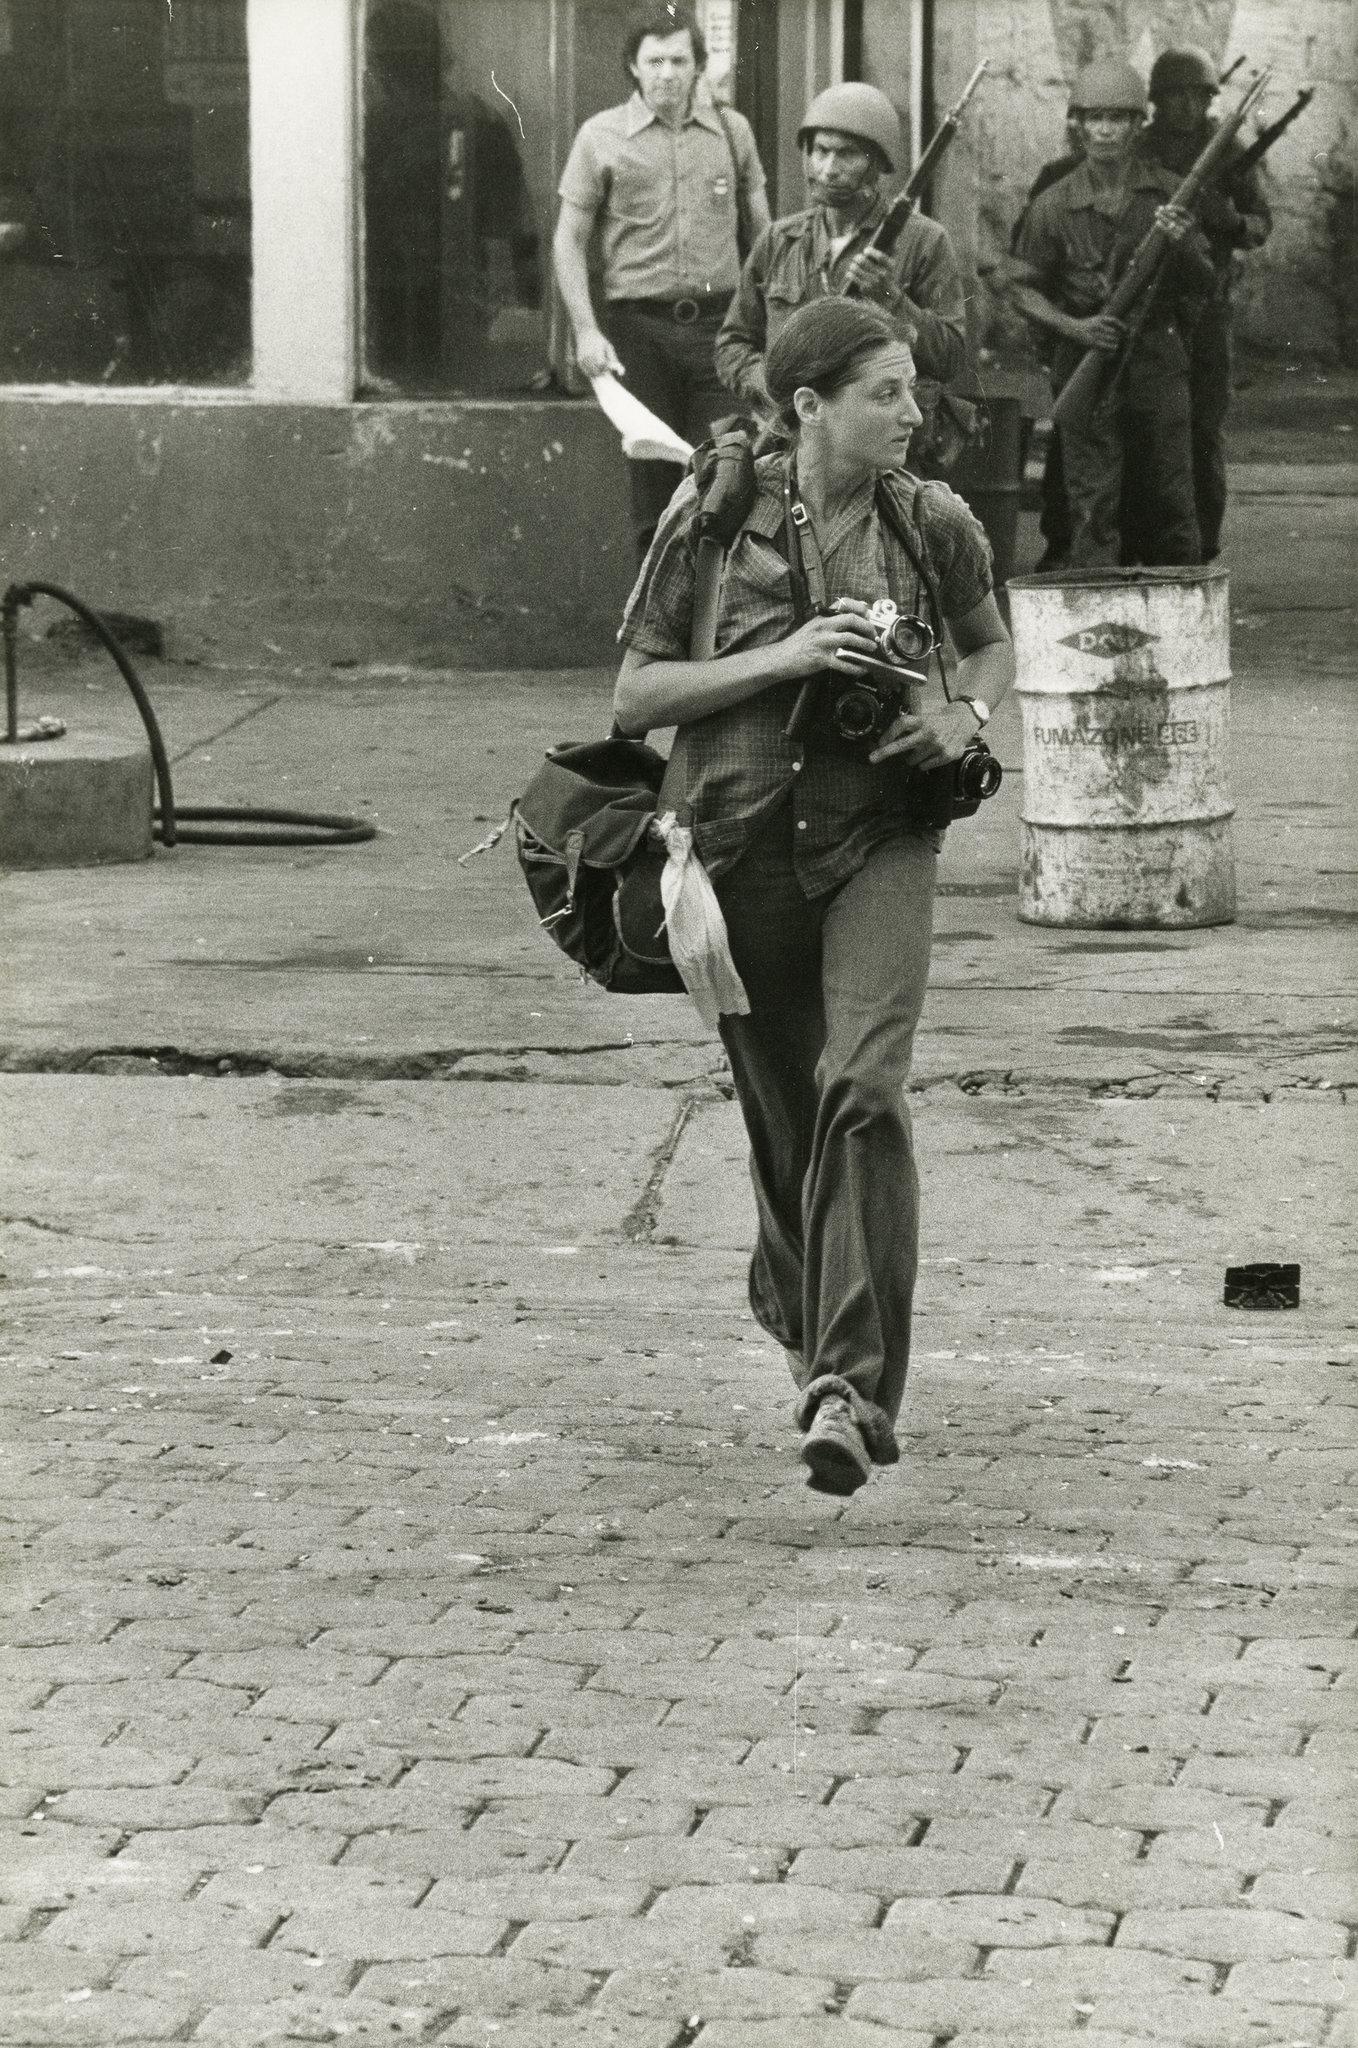 নিকারাগুয়ার মনিম্বো গ্রামে সুজান ম্যাইসিলাস ক্যামেরা হাতে। সেপ্টেম্বর ১৯৭৮ | ছবি: এলেএইন দিজিয়েন সিগমা